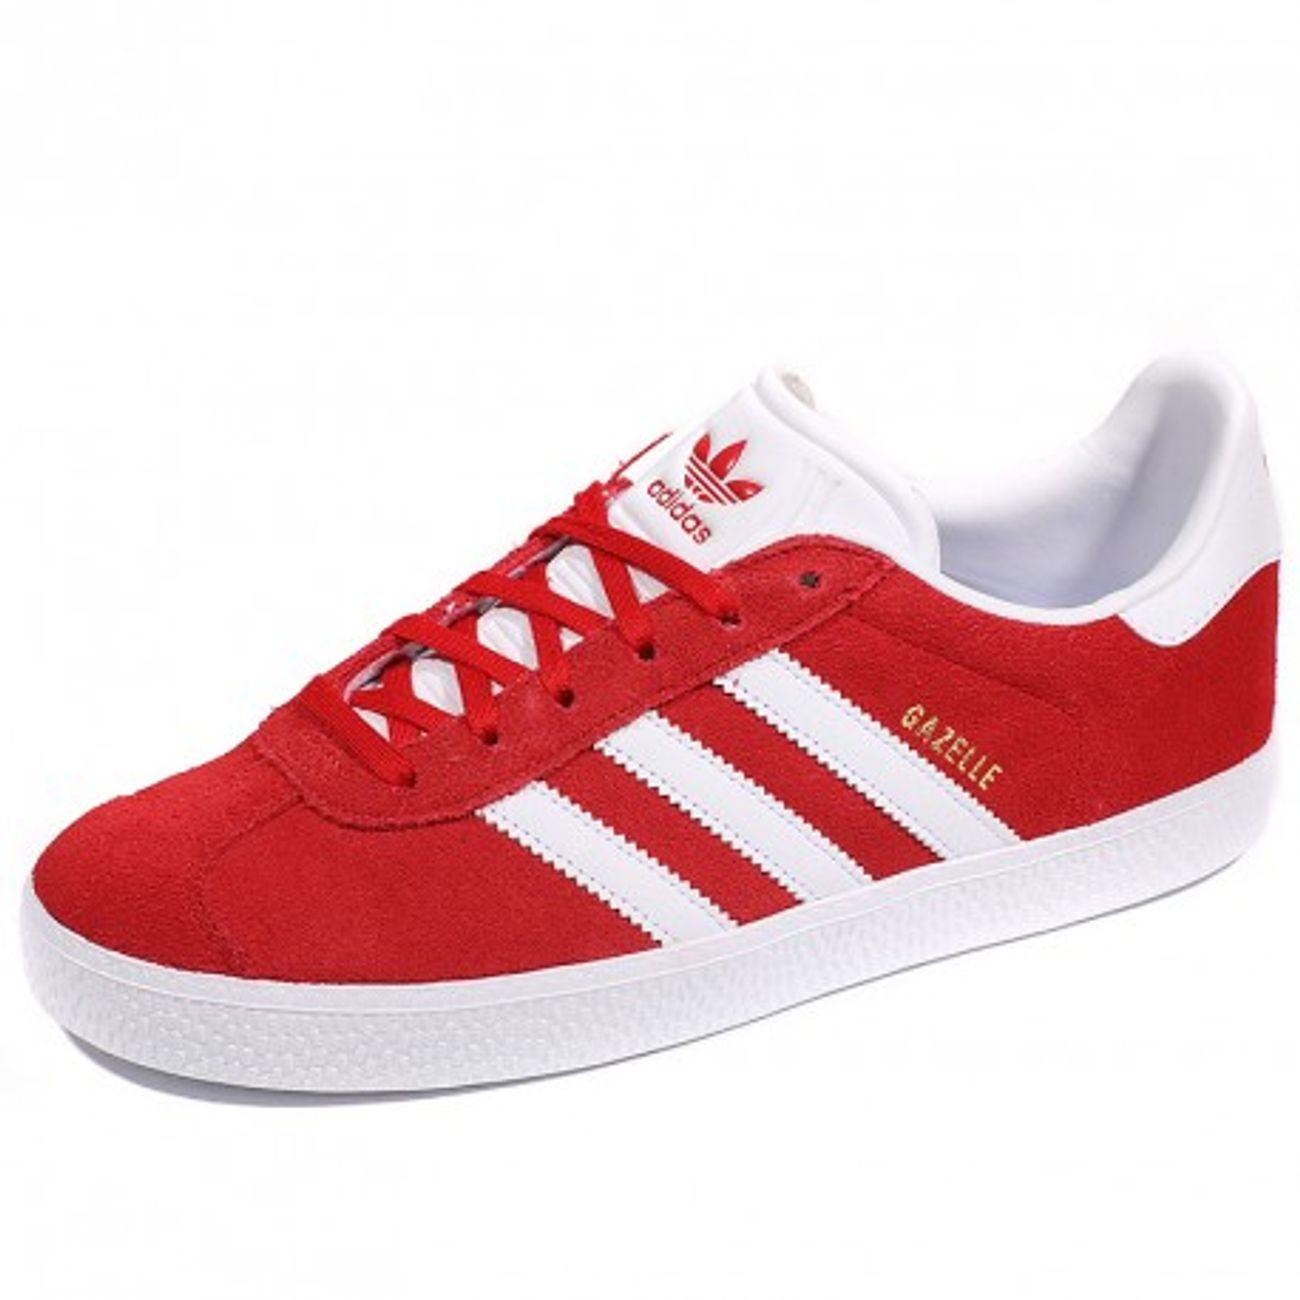 Sumglvqzp Basket Gazelle Femmes Rouge Adidas wOmNv8ny0